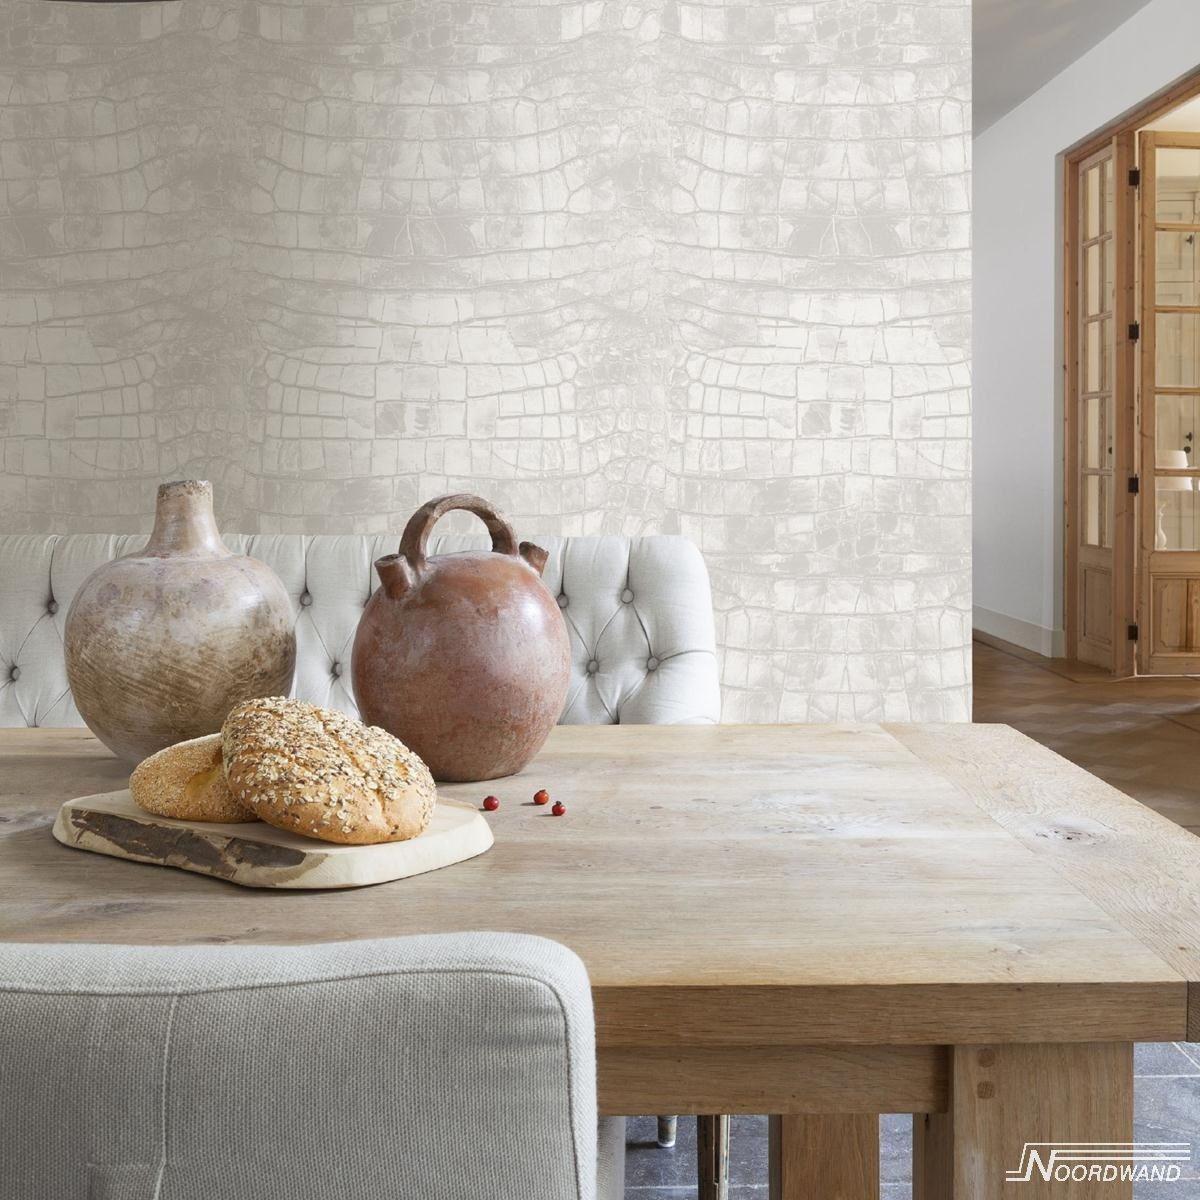 vlies tapete bruchstein stein struktur tapete pastell blau 68603 kaufen bei joratrend e k. Black Bedroom Furniture Sets. Home Design Ideas